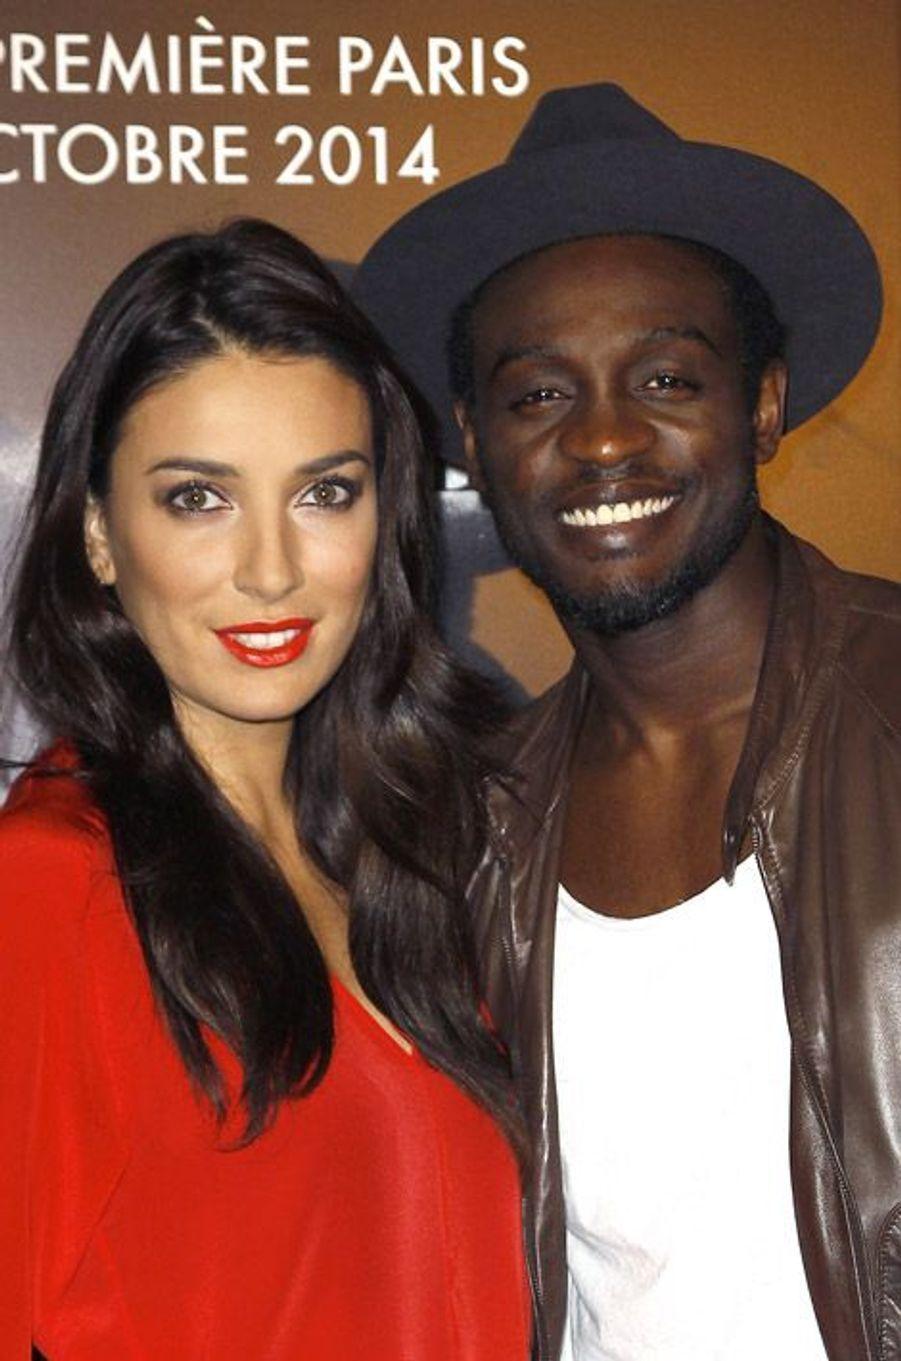 """Le chanteur français Corneille et sa femme, Sofia, à l'avant-première du film """"Interstellar"""" à Paris, le 31 octobre 2014"""